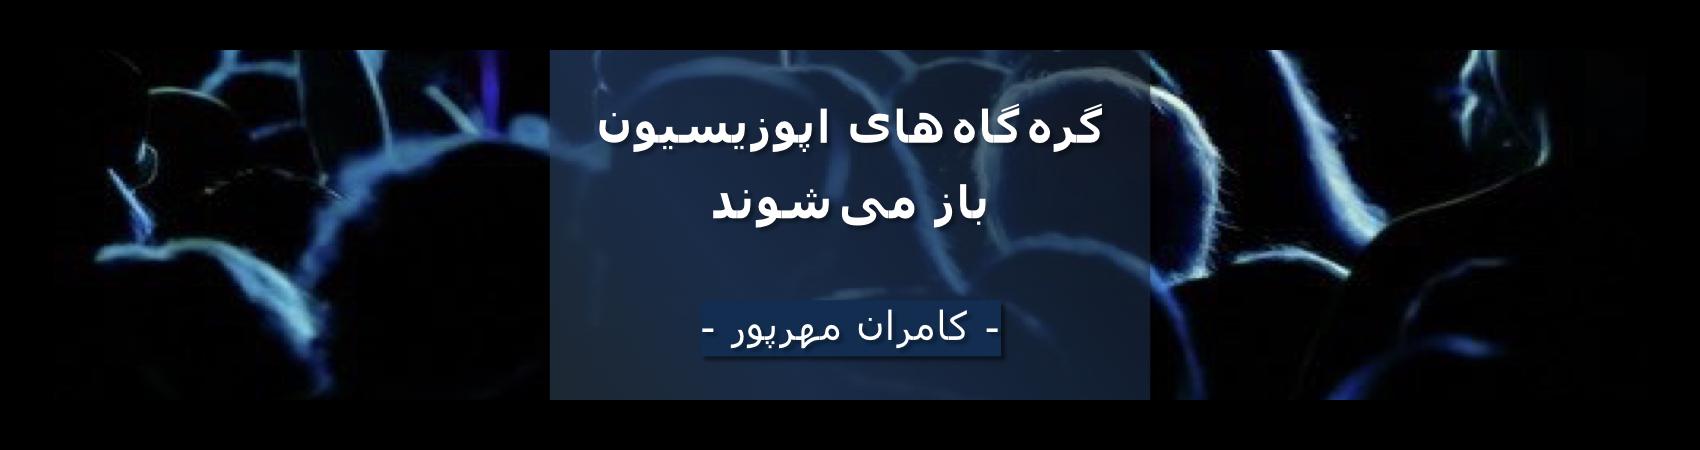 گره گاه های اپوزیسیون باز می شوند – کامران مهرپور